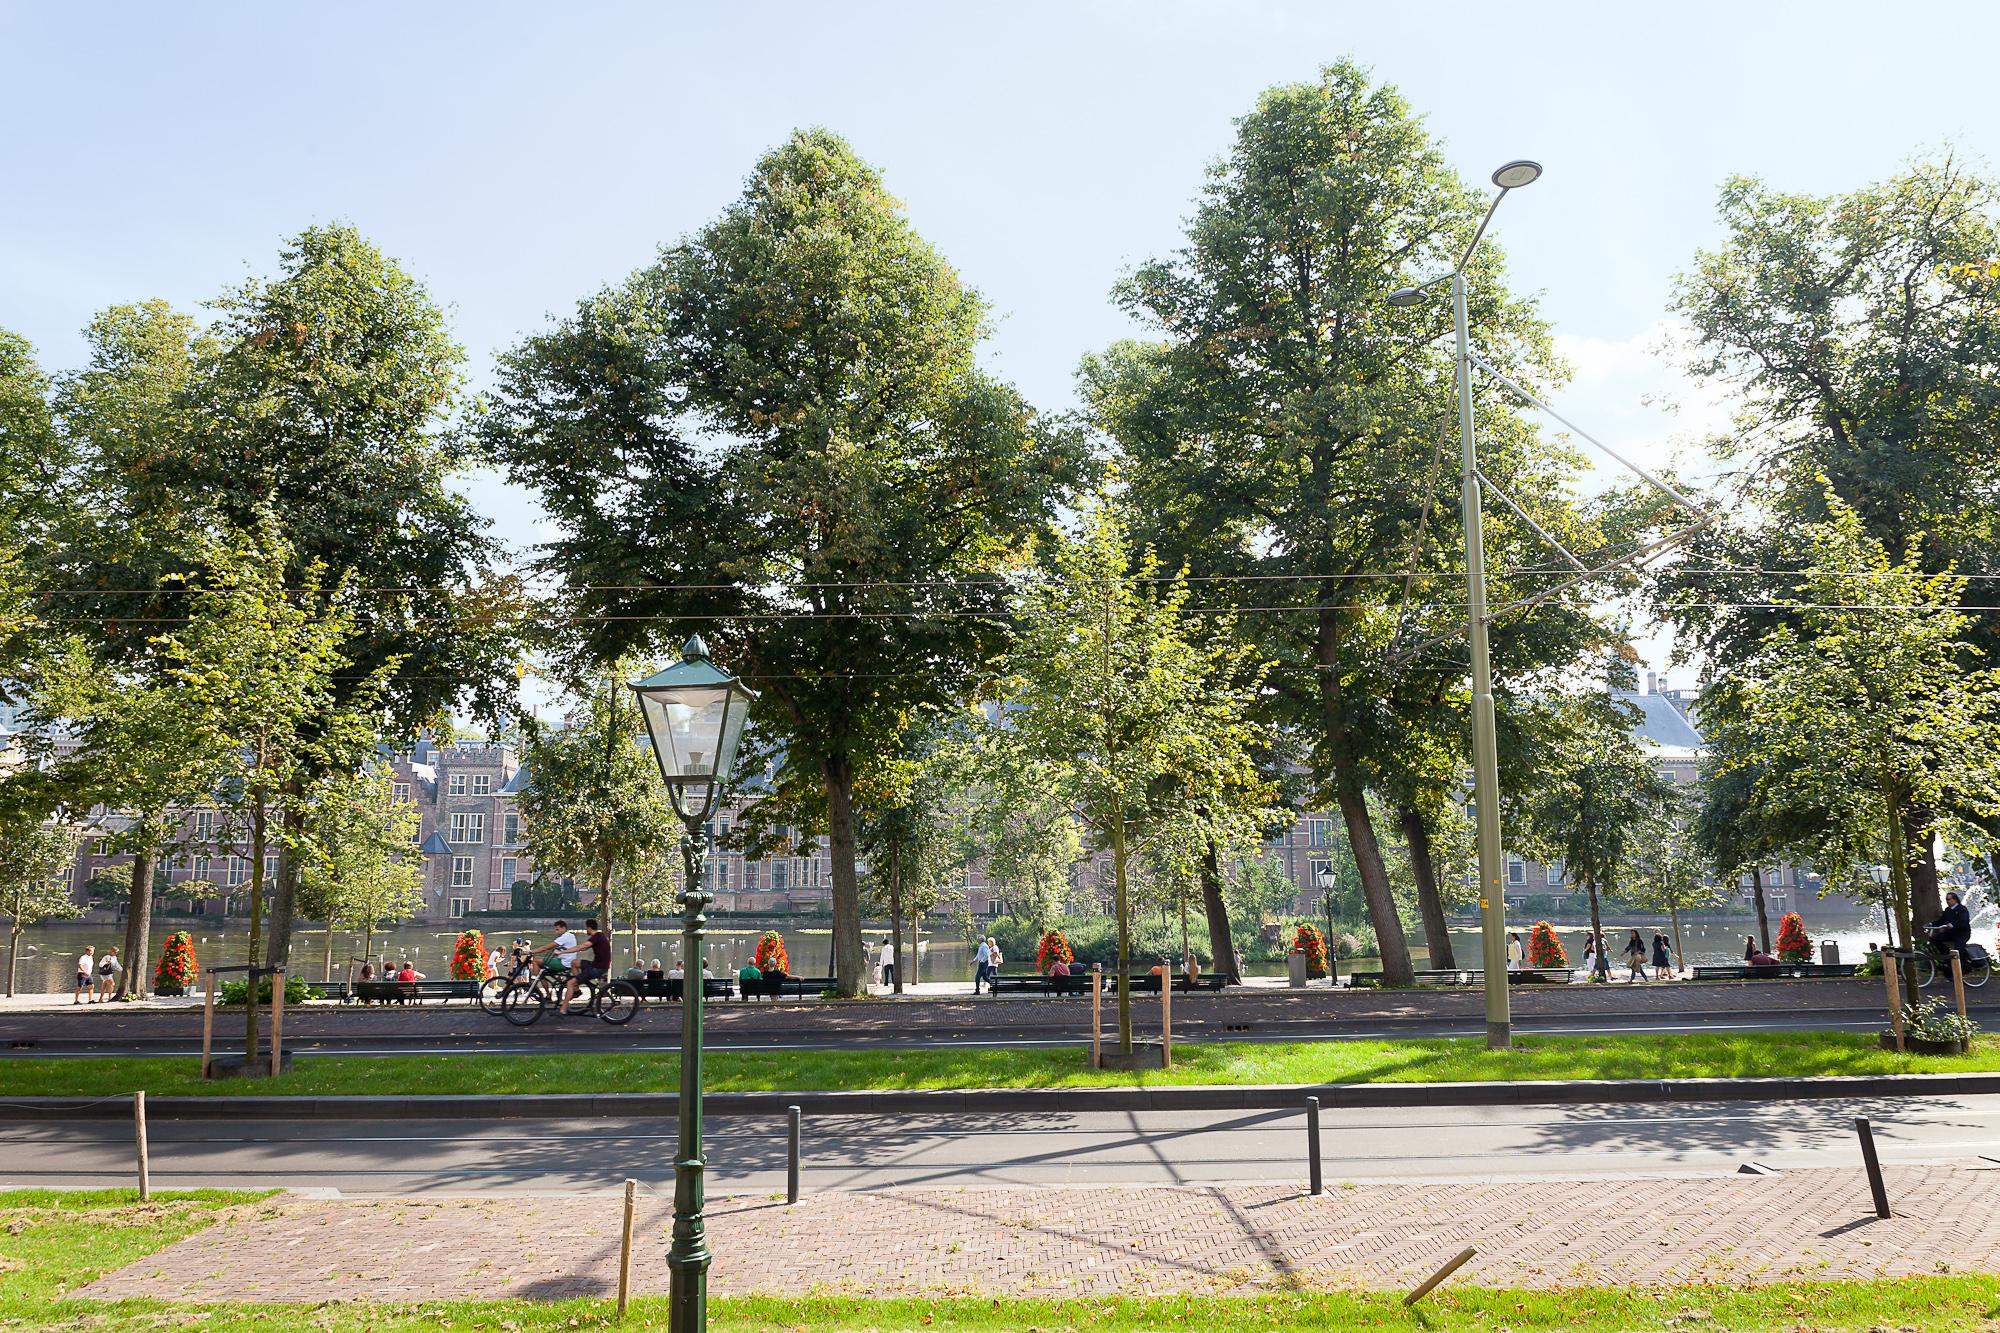 Mulderblauw_Staybridge_Suites Parliament_Den-Haag